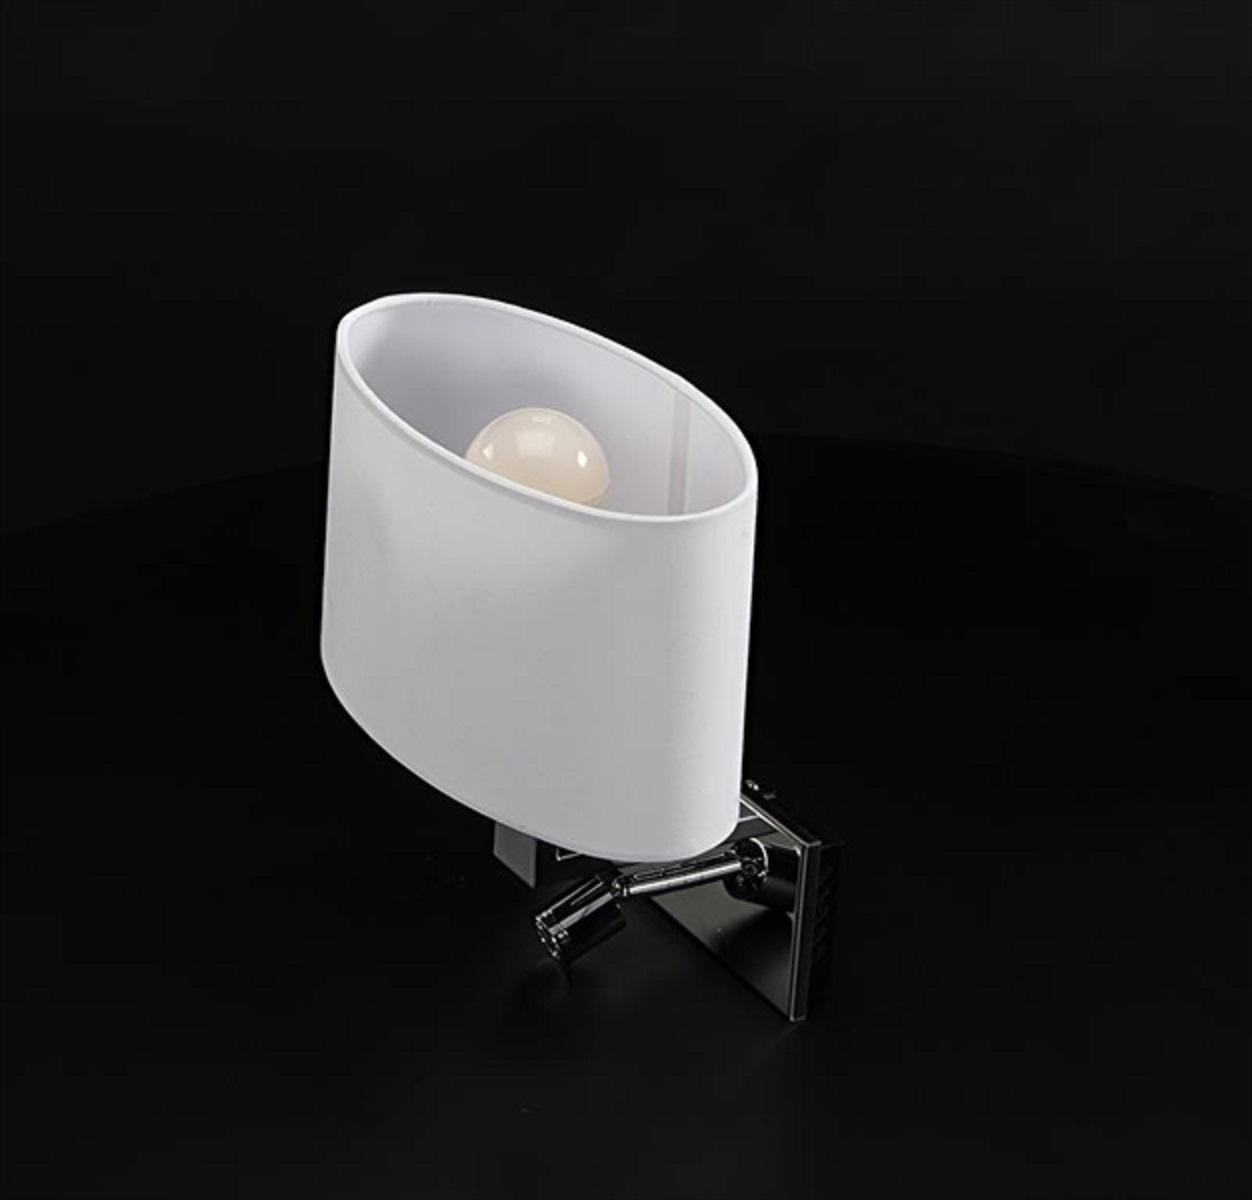 Lampada led da lettura prova sito lampada con for Lampada a led camera da letto